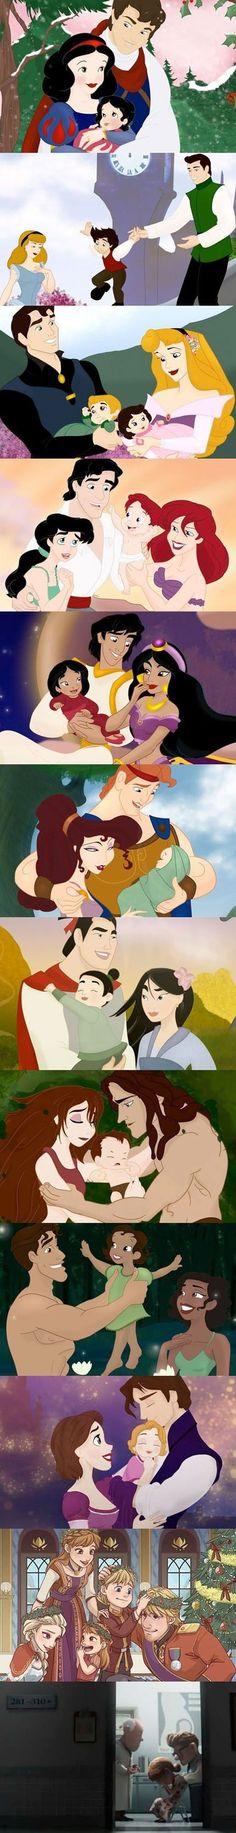 Post fofinho das famílias Disney durante o final feliz.